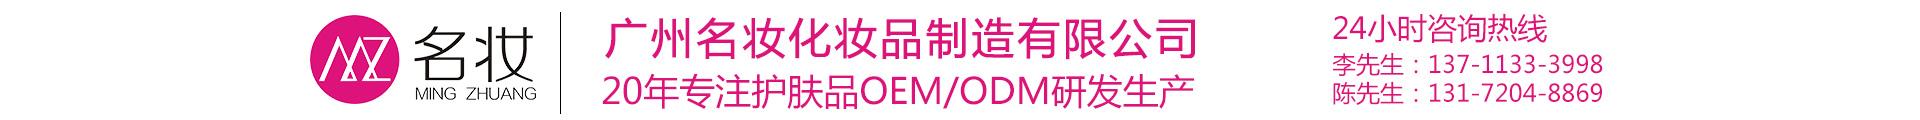 廣州名妝化妝品製造有限公司